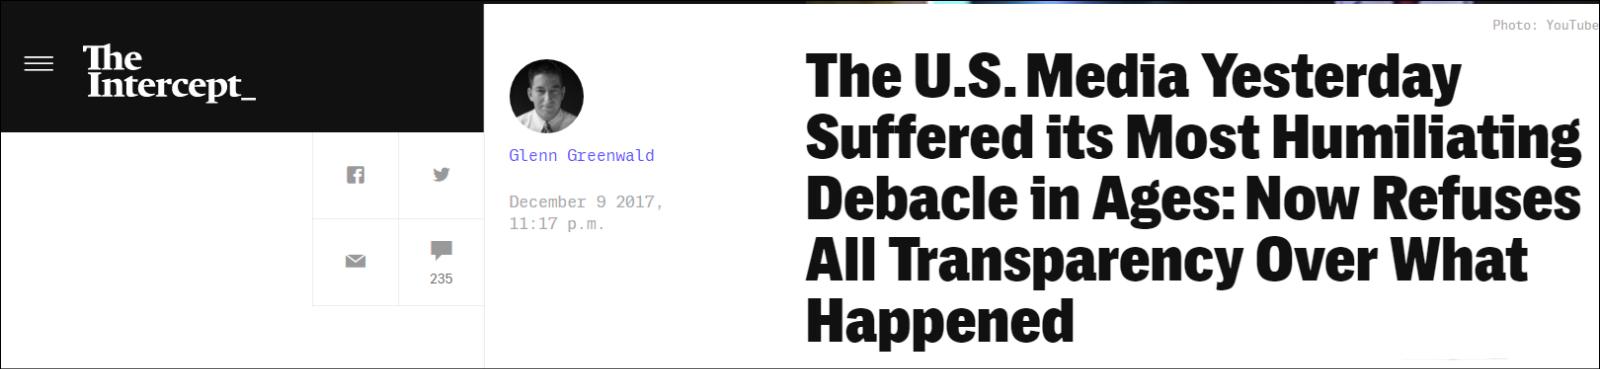 美媒体最丢人一天 这条假新闻传播得实在是太出乎意料了!